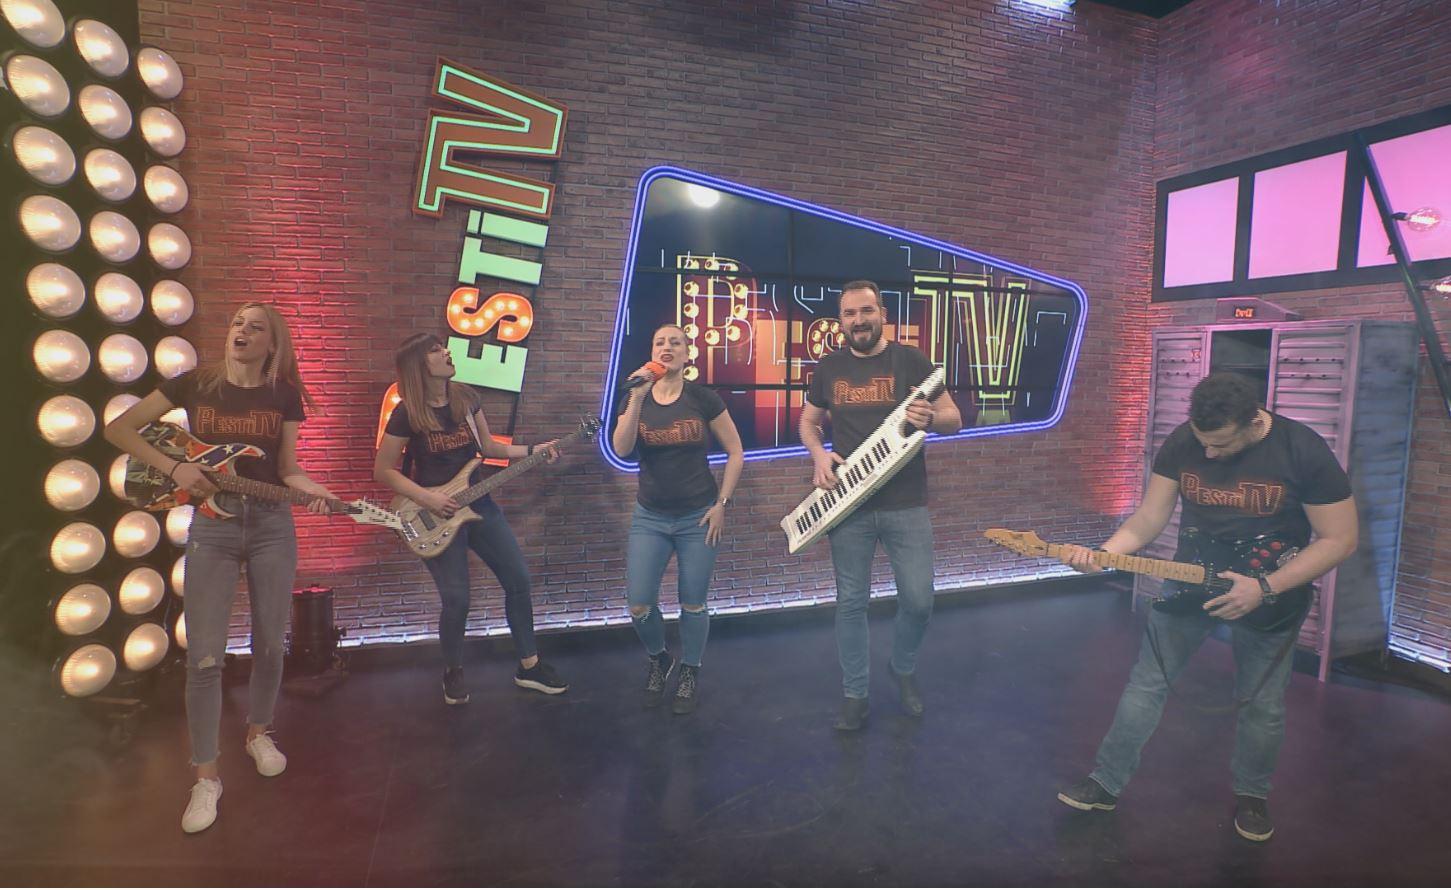 Gerilla bár - Pesti TV klippremier, Perutek János zenei és sportsikerei